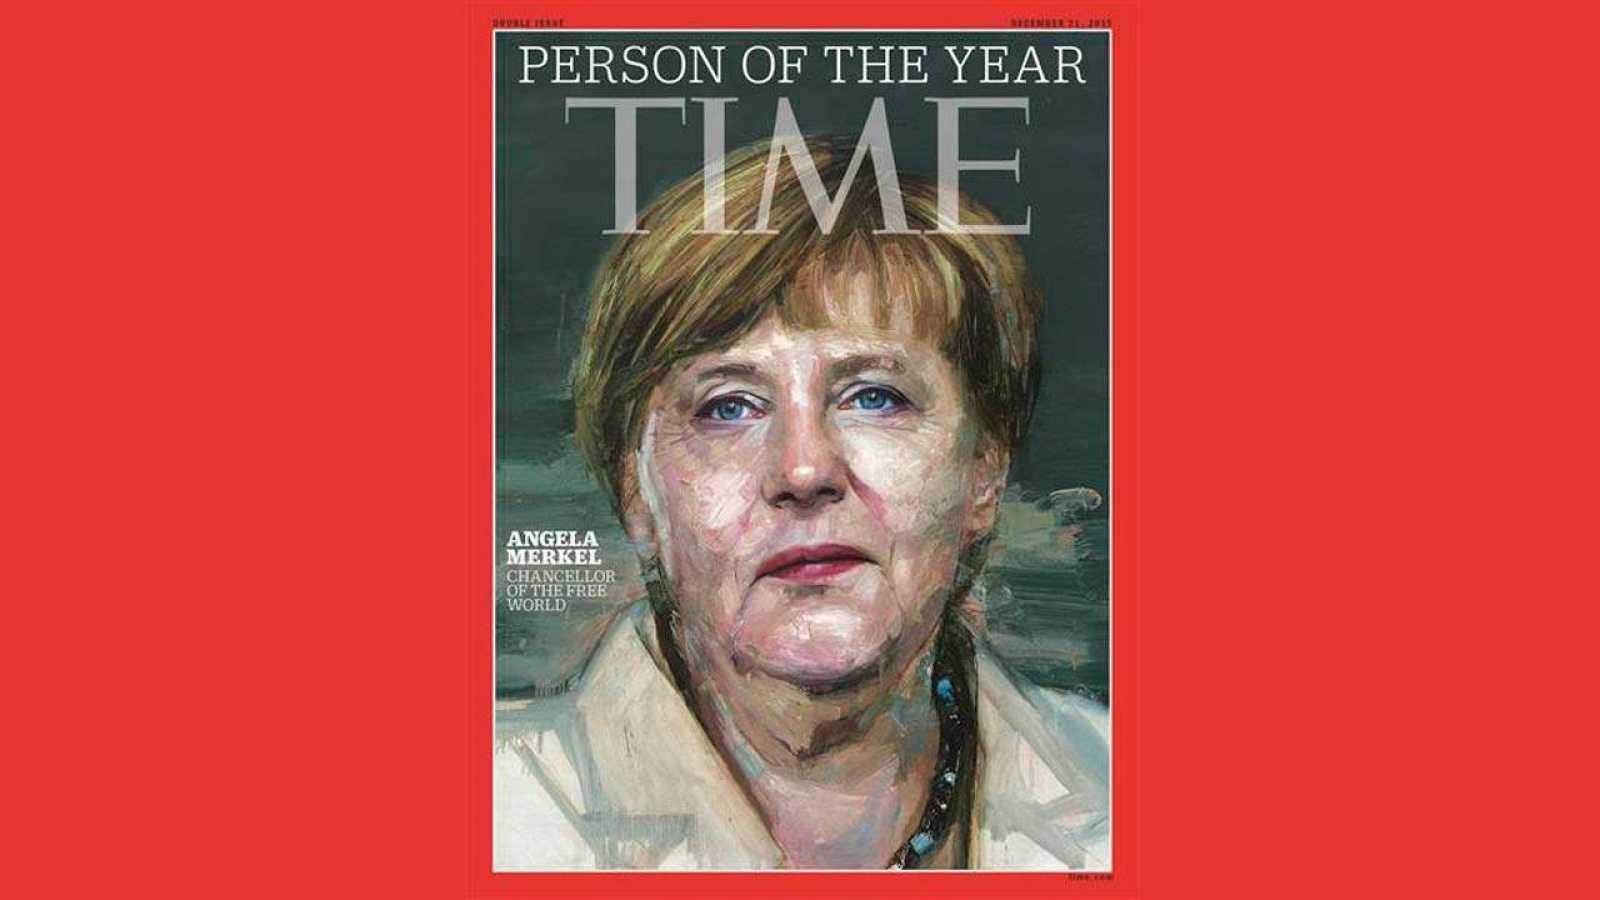 Angela Merkel es la persona del Año 2015 para la revista 'Time'.